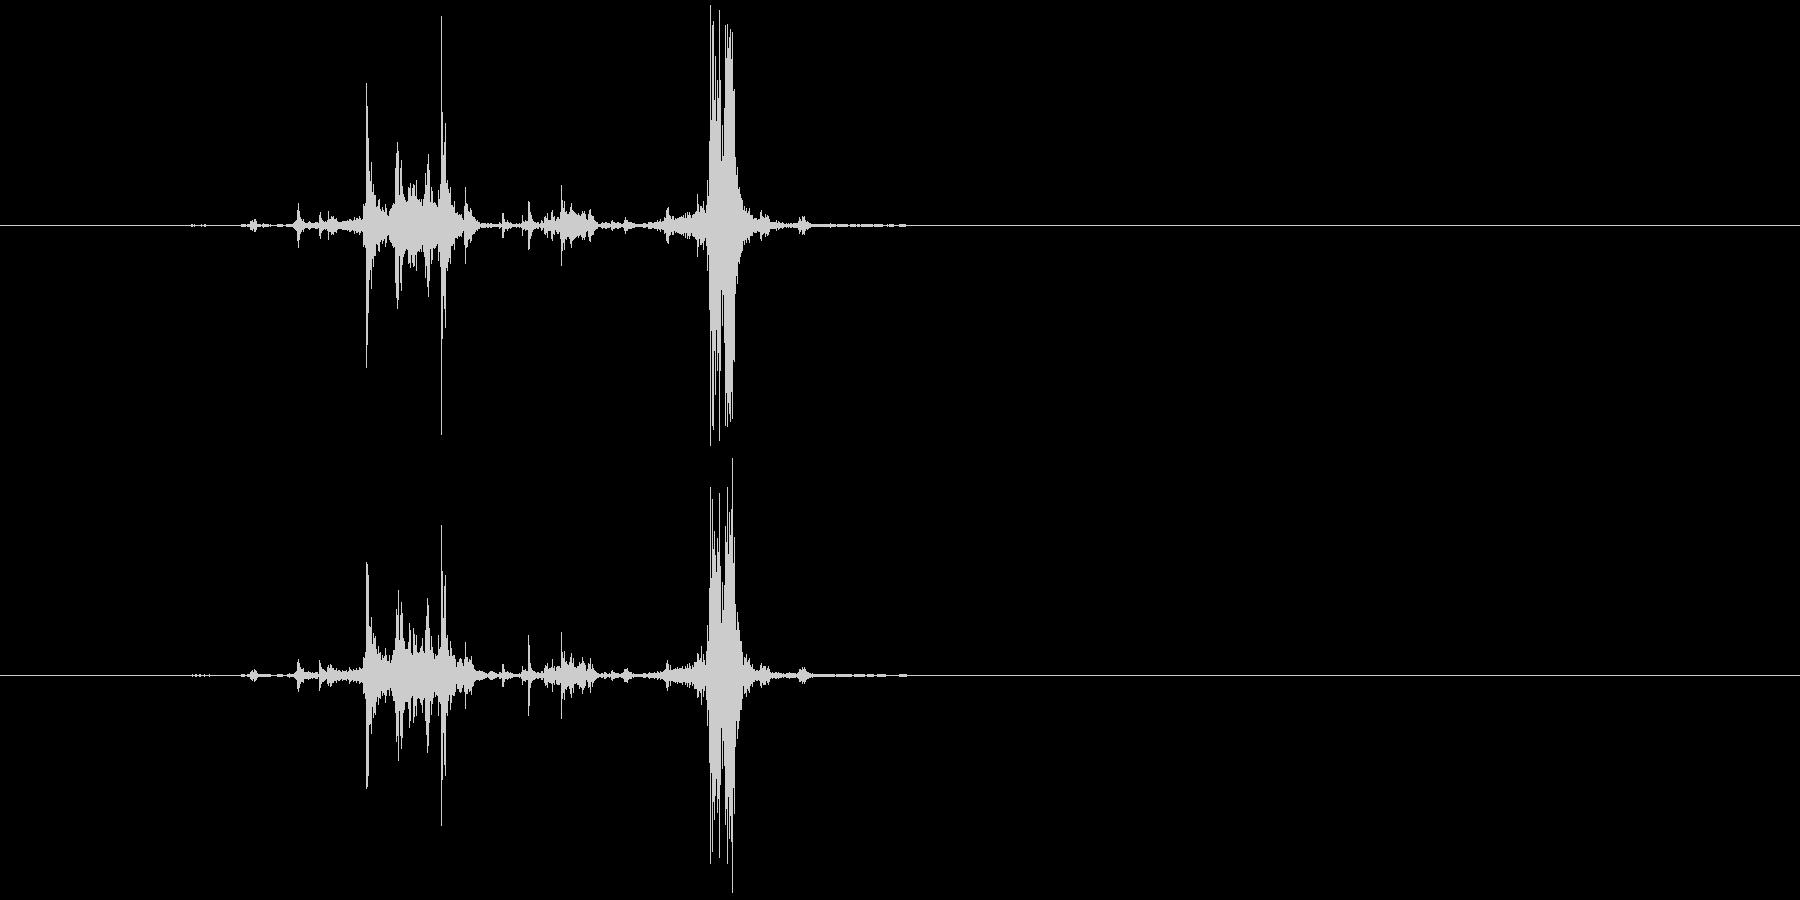 カッシャ(銃弾を装填する音02)の未再生の波形